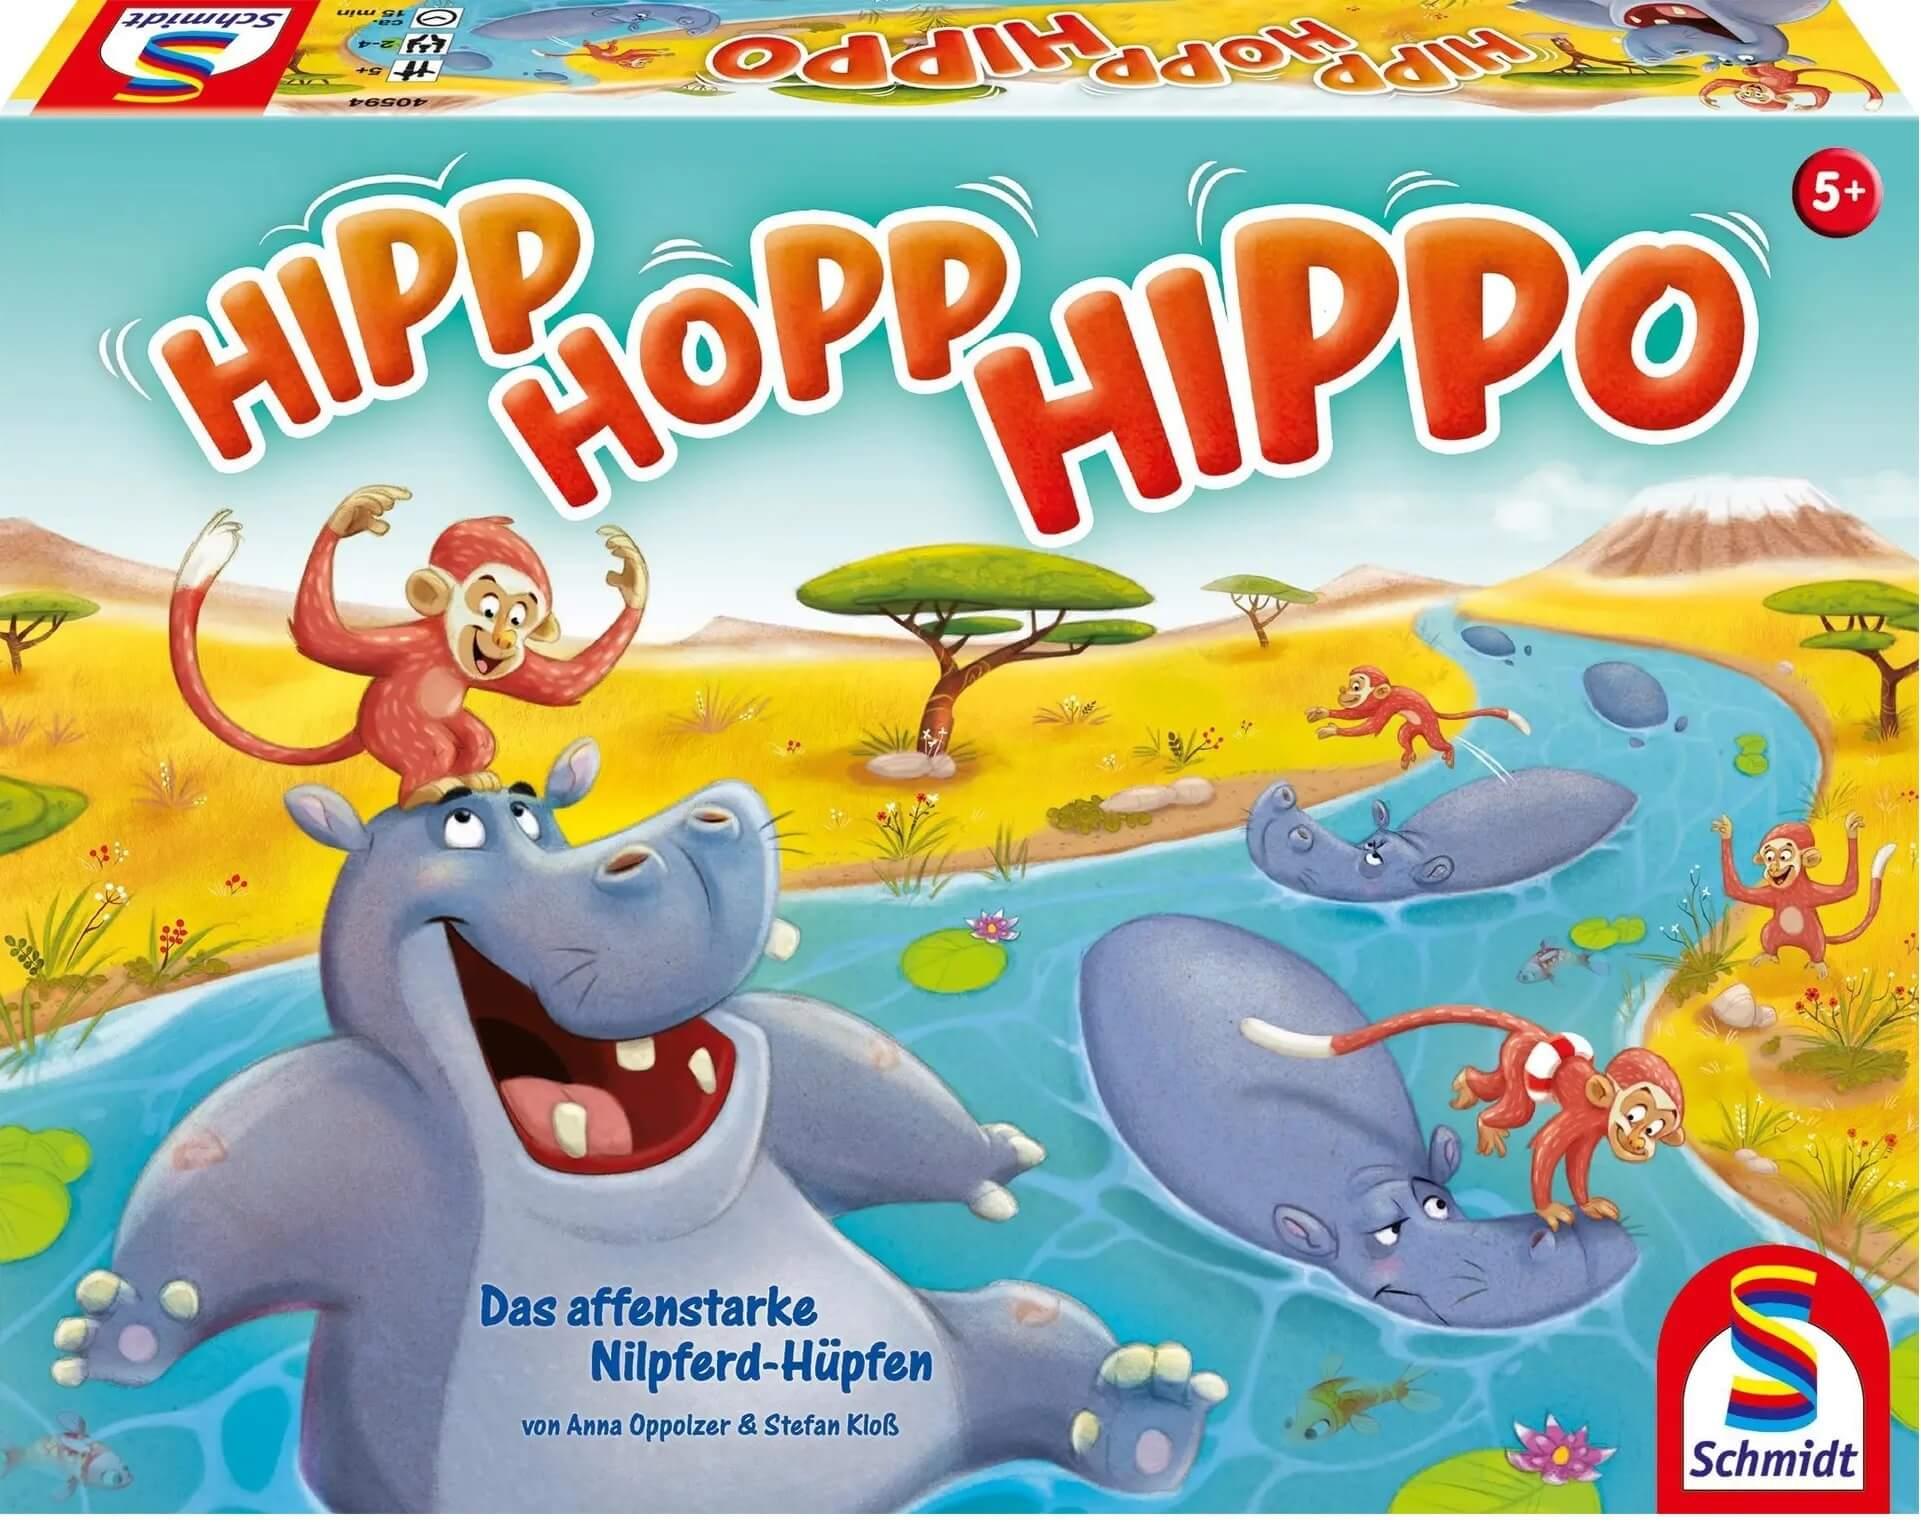 Schachtel Vorderseite - nominiert zum Kinderspiel 2021- Hipp Hopp Hippo